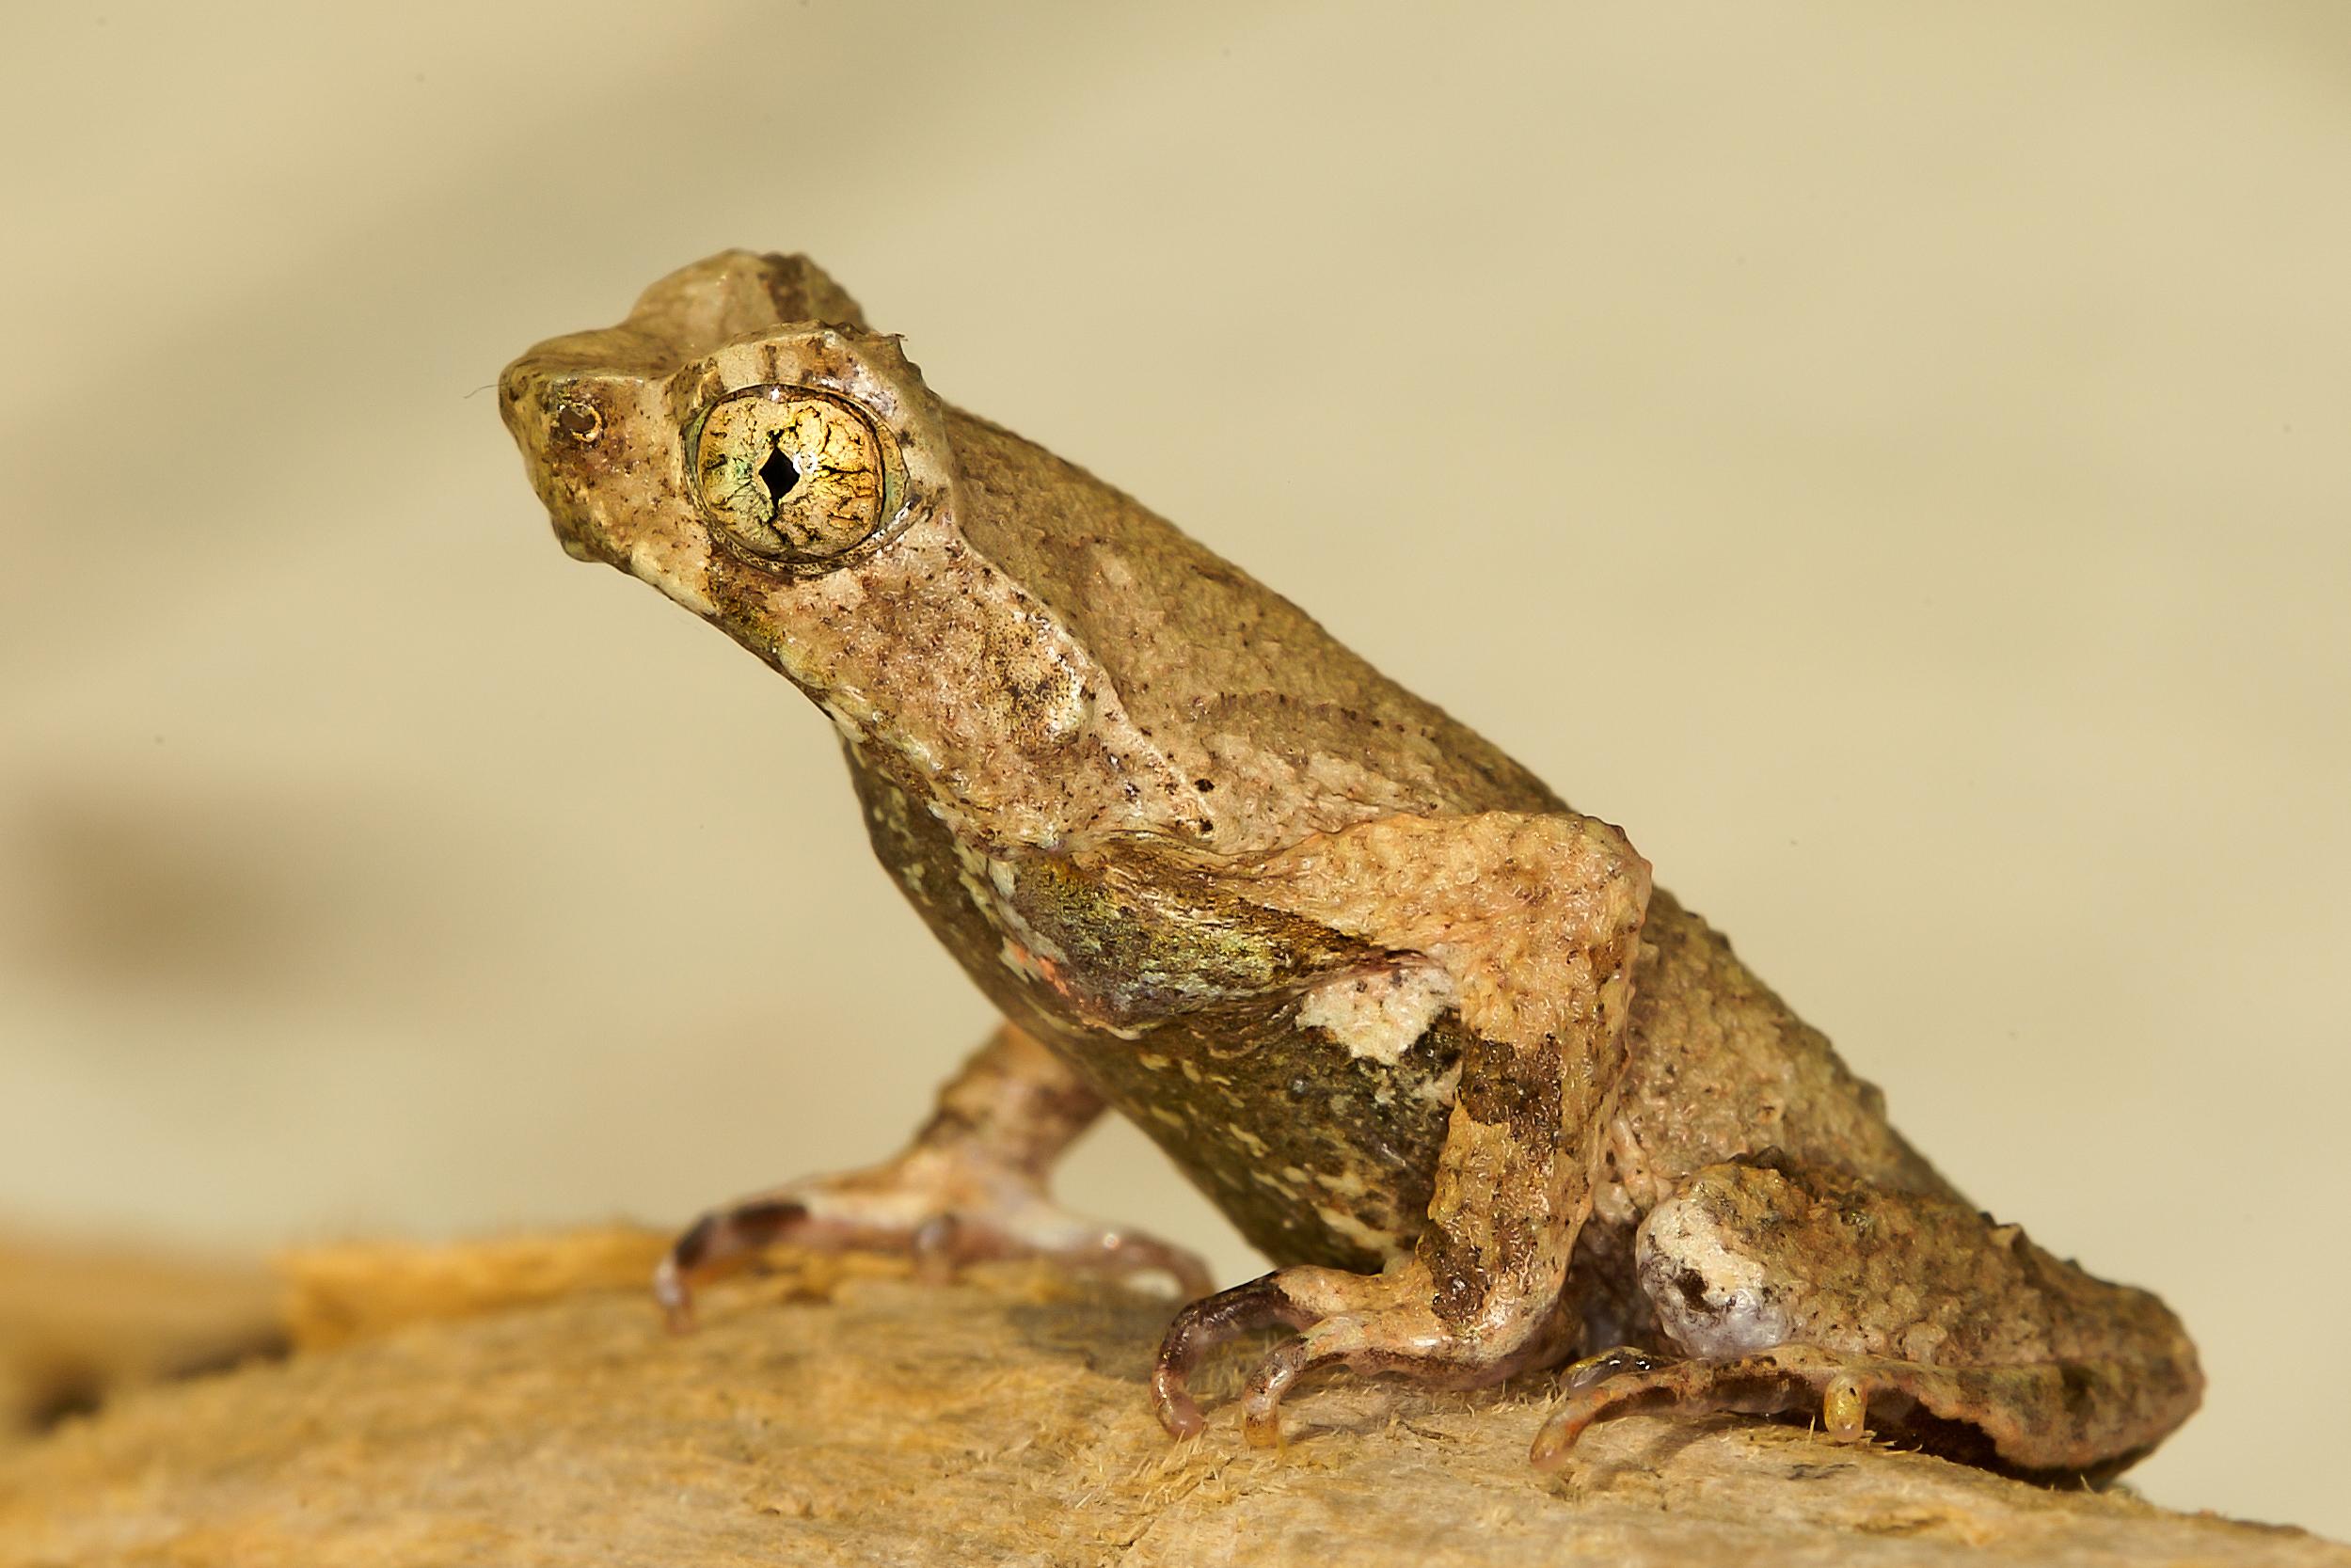 Square Eyed leaf litter frog